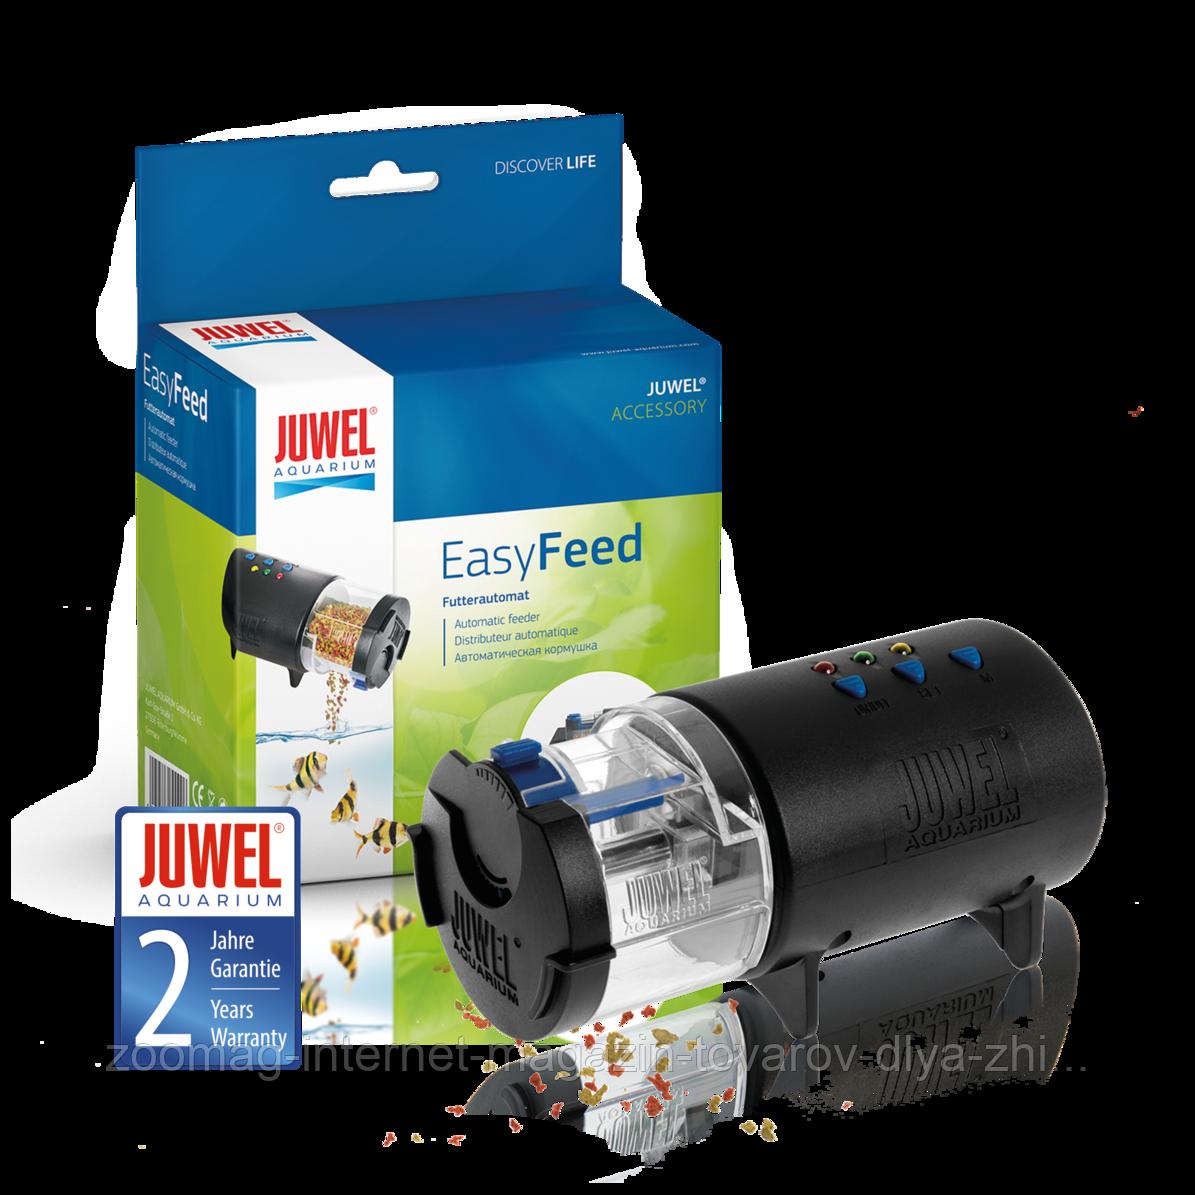 Автоматическая кормушка EasyFeed для аквариумных рыб, JUWEL™